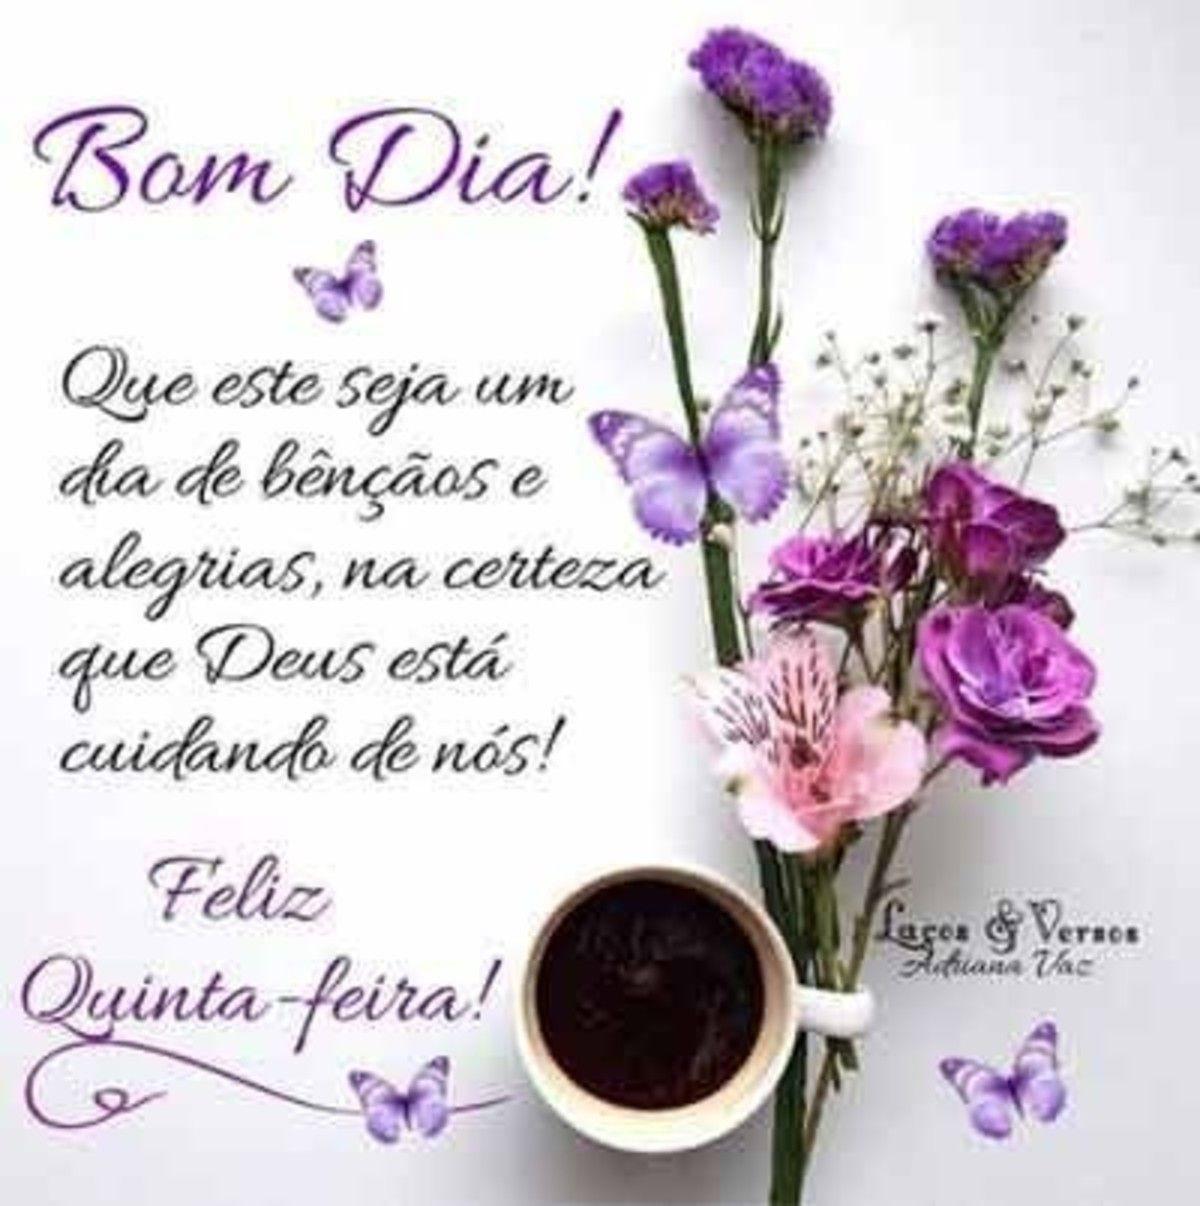 Bom Dia Feliz Quinta Feira Com Cafe Com Imagens Feliz Quinta